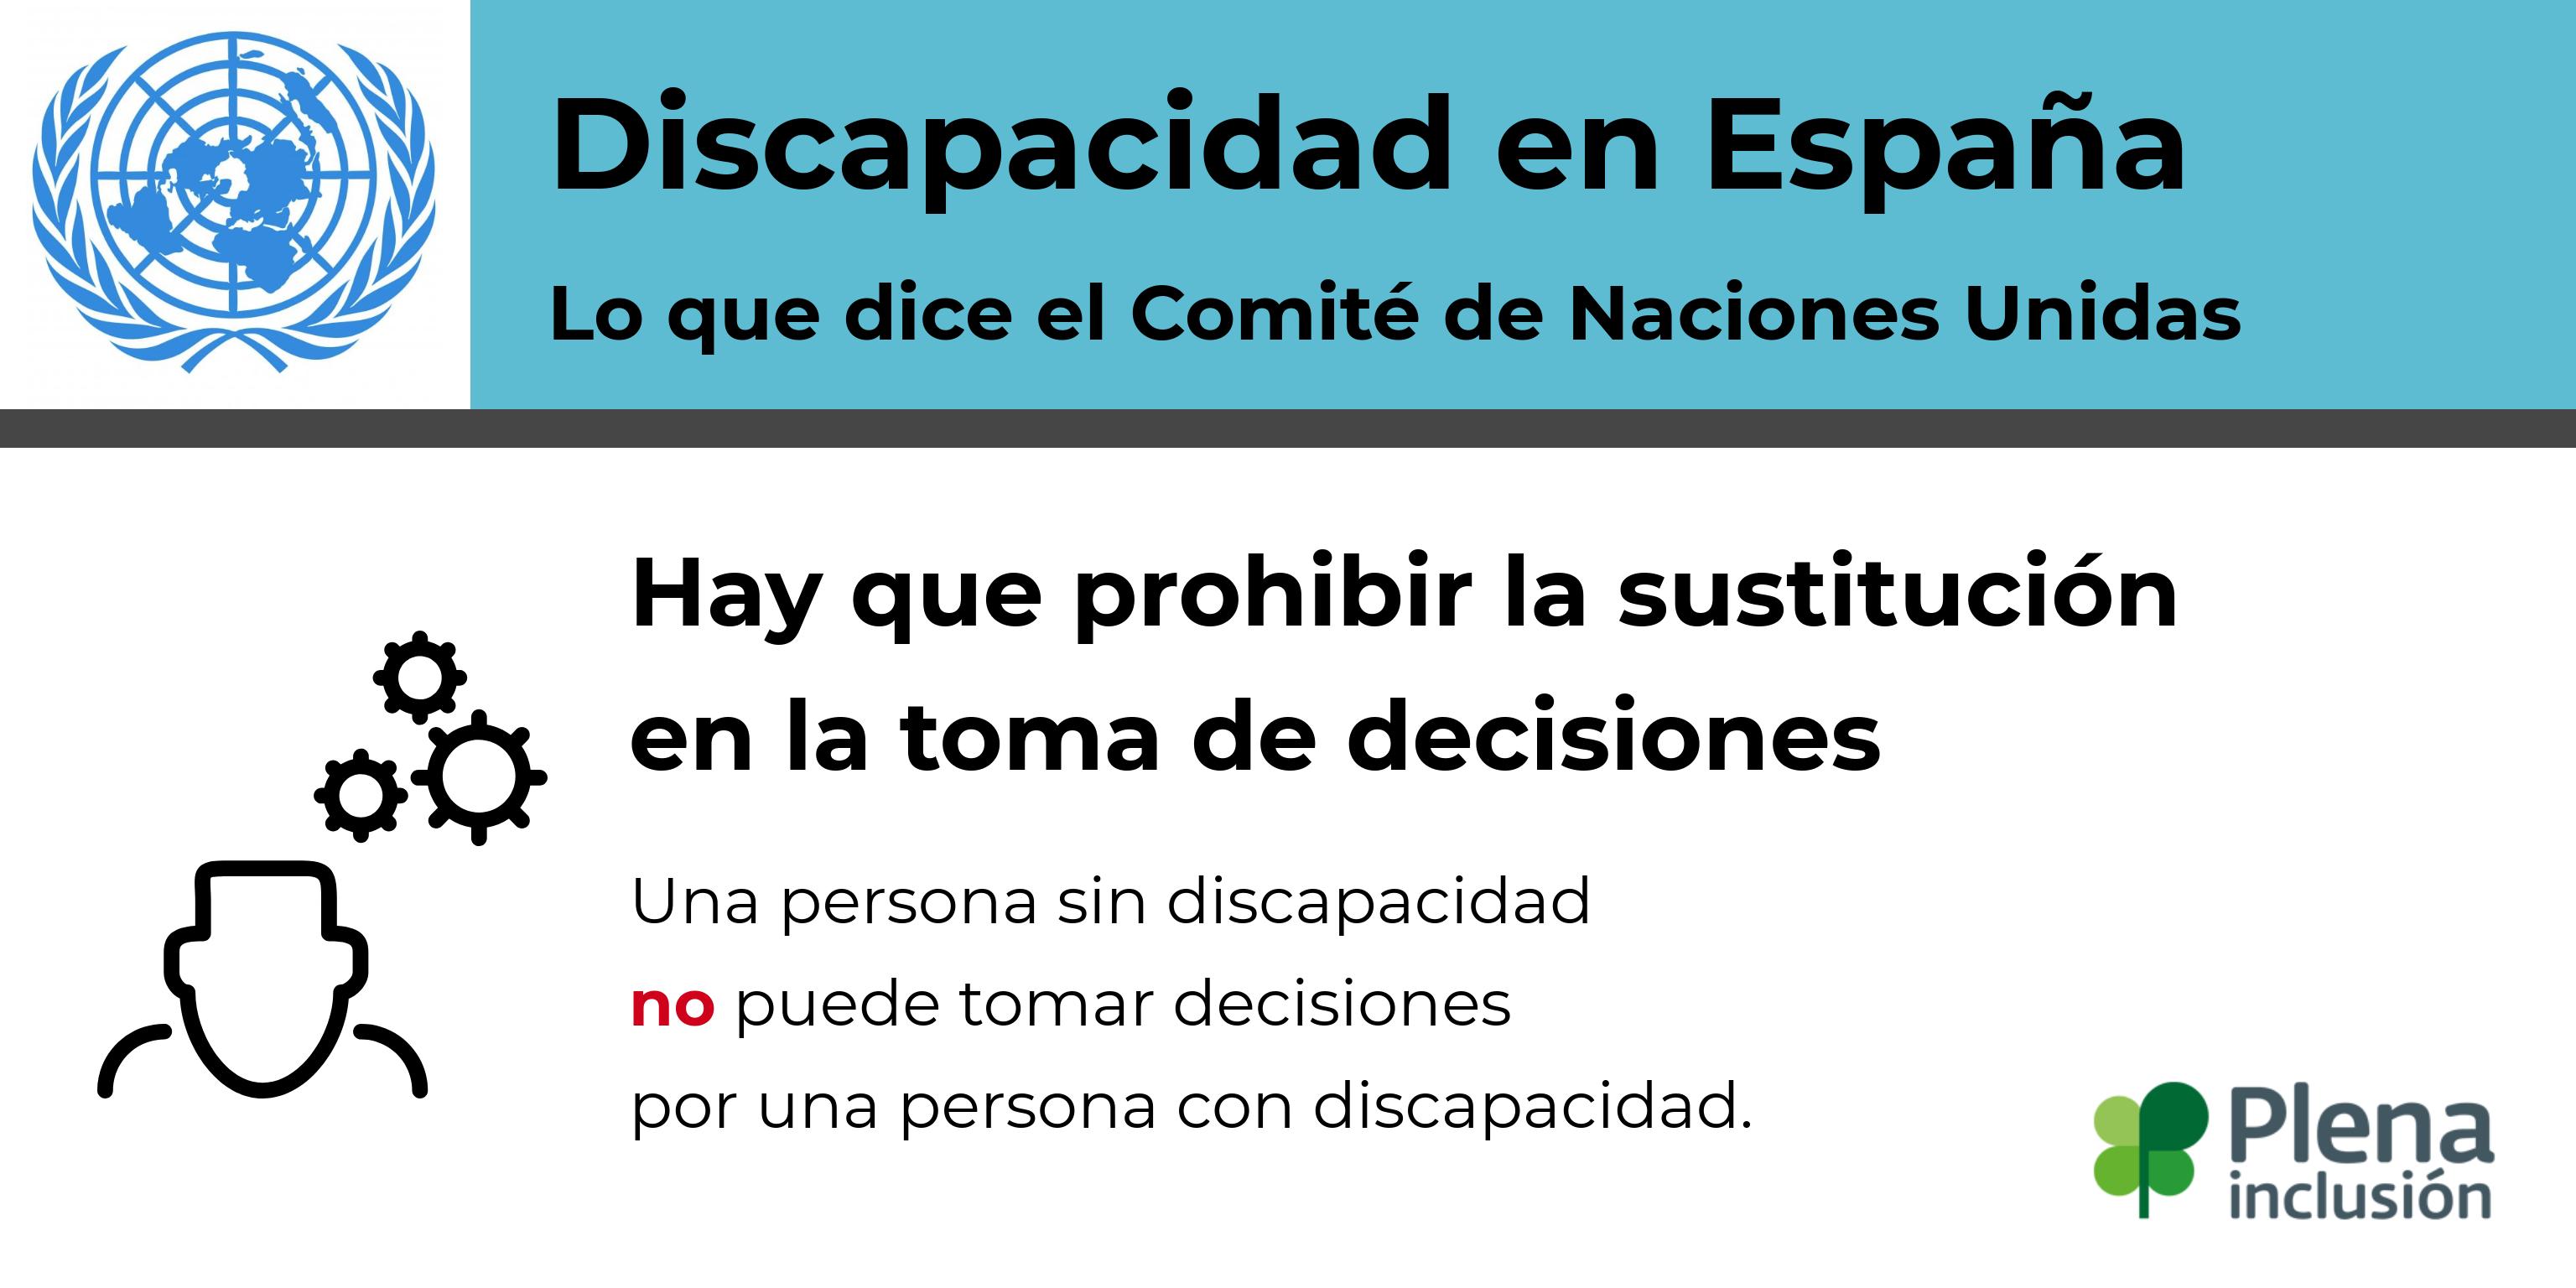 Ir a : Lo que dice el Comité: España debe prohibir la sustitución en la toma de decisiones